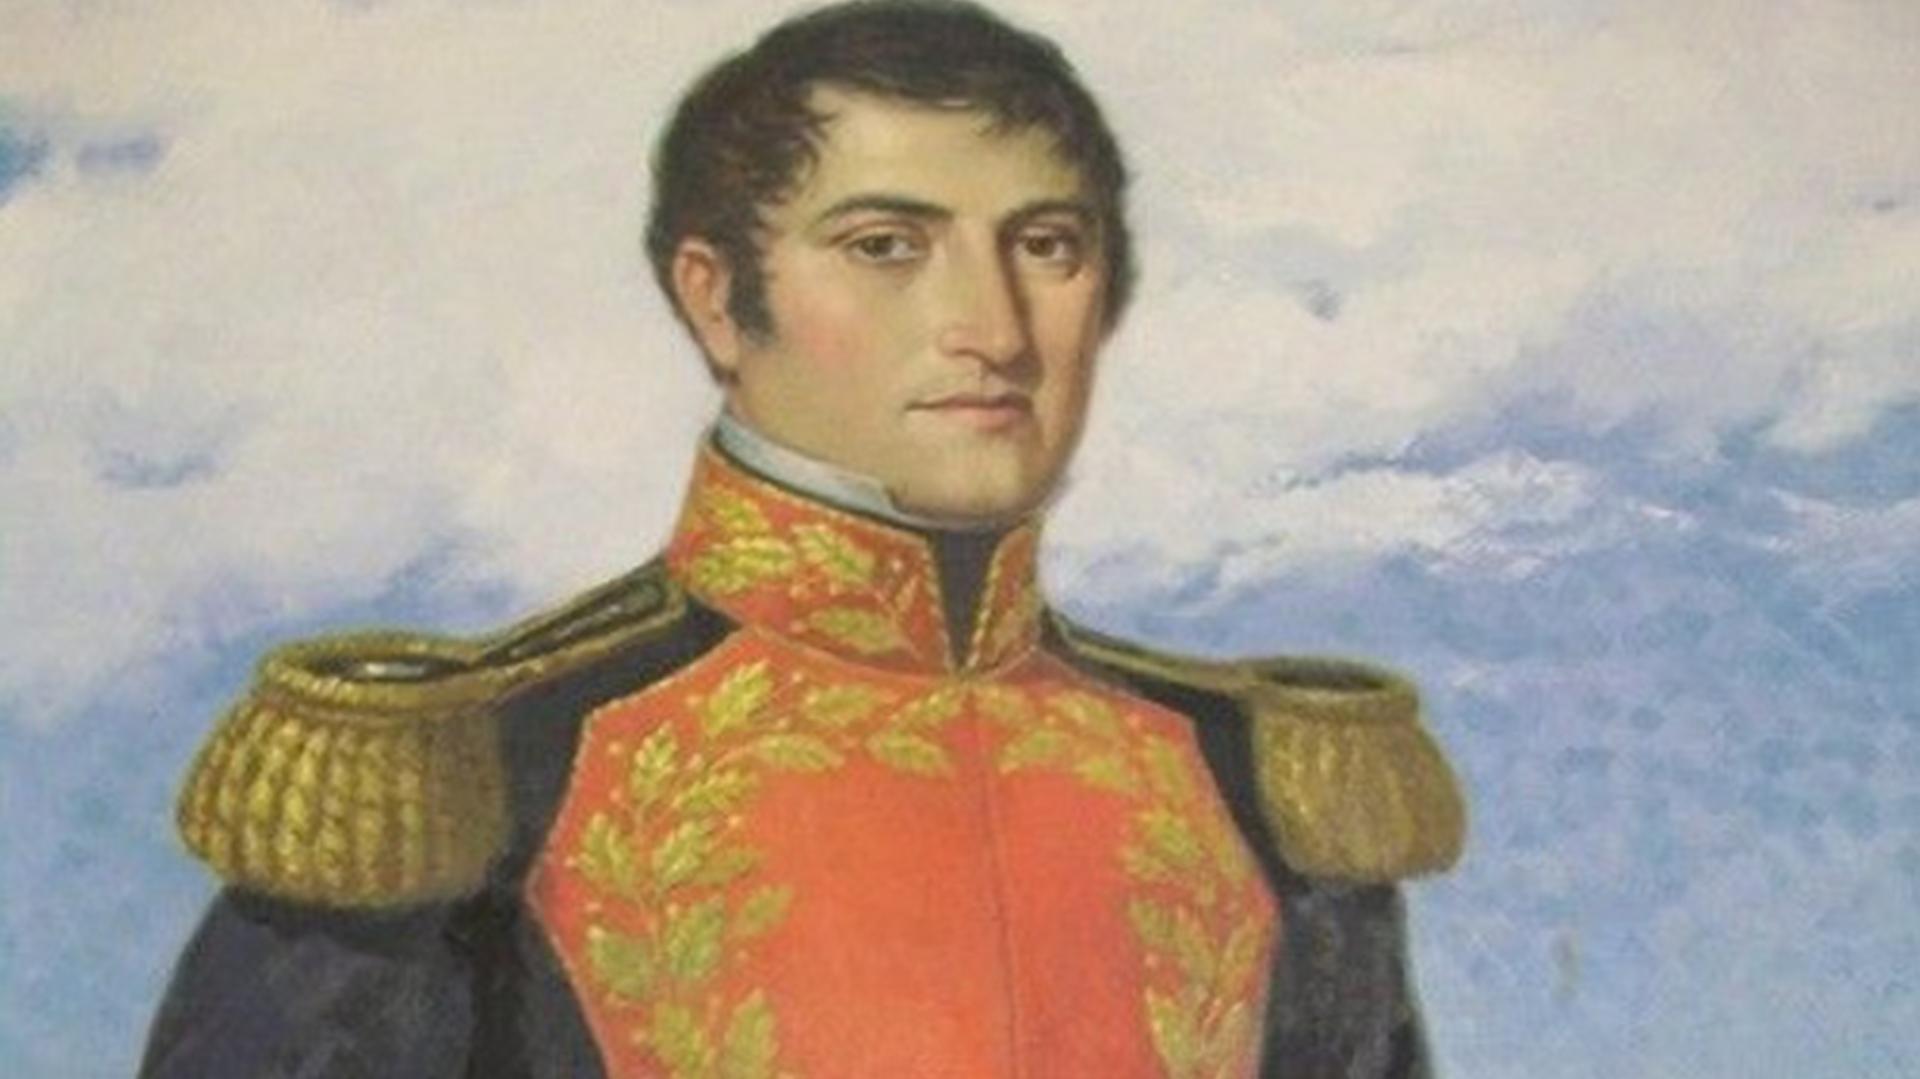 Hijo de padres ricos, la juventud de Manuel Belgrano fue revoltosa y siguió las ideas de su generación